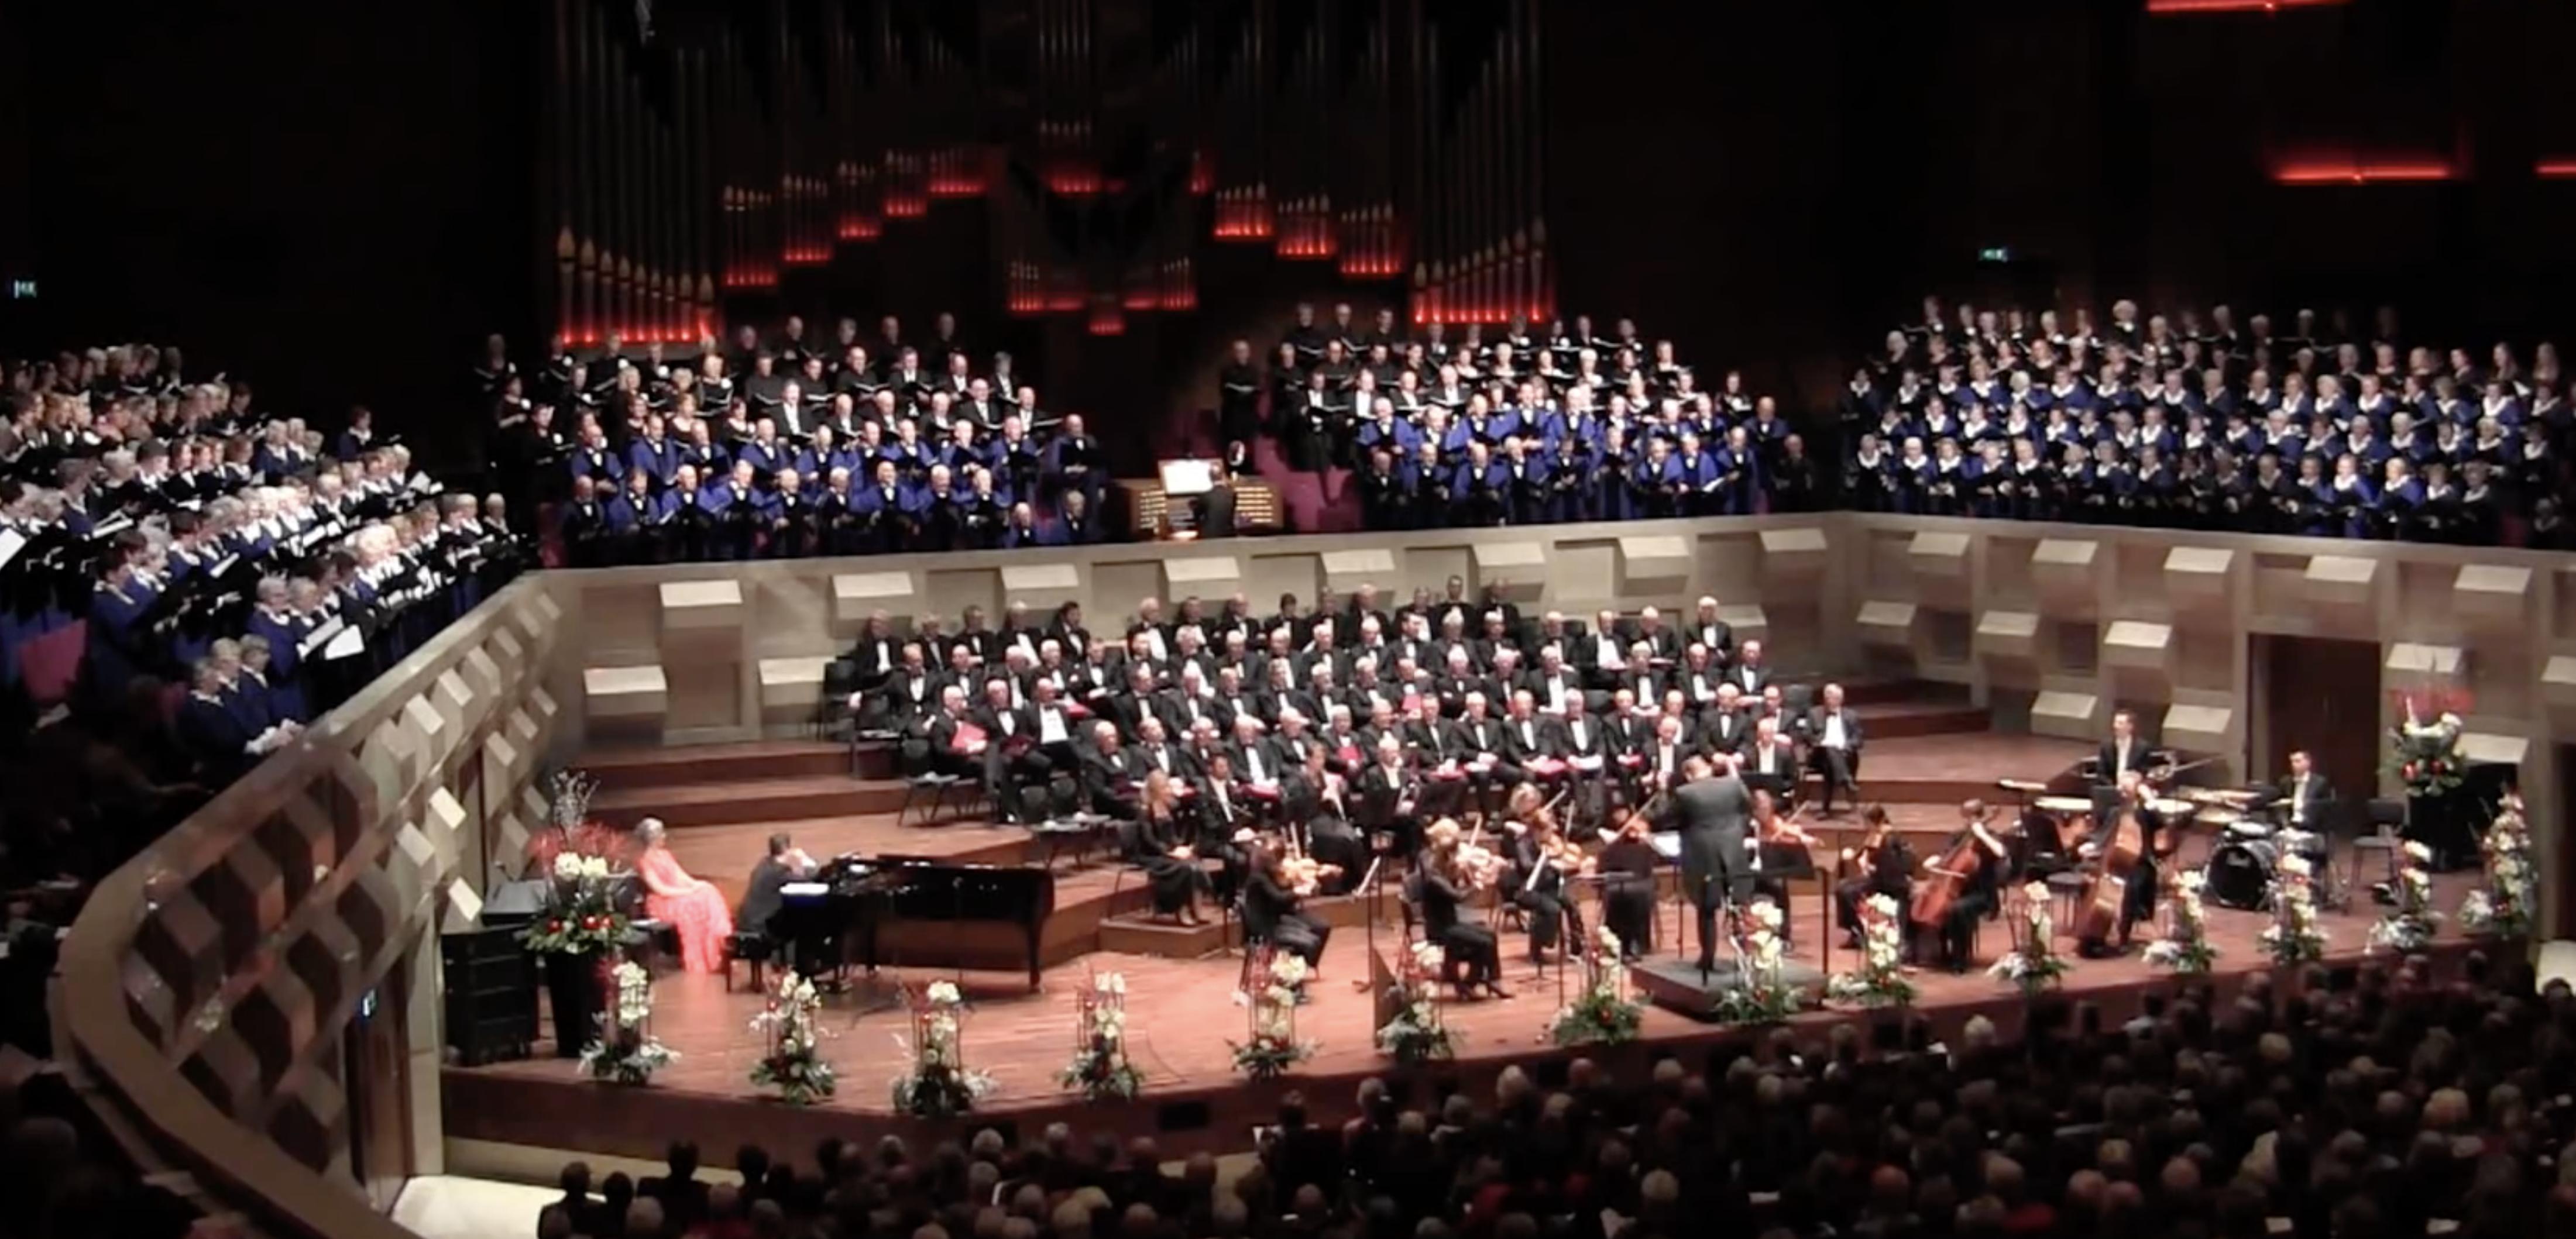 Kerst-Doelenconcert 2016 Deo Cantemus deel 2